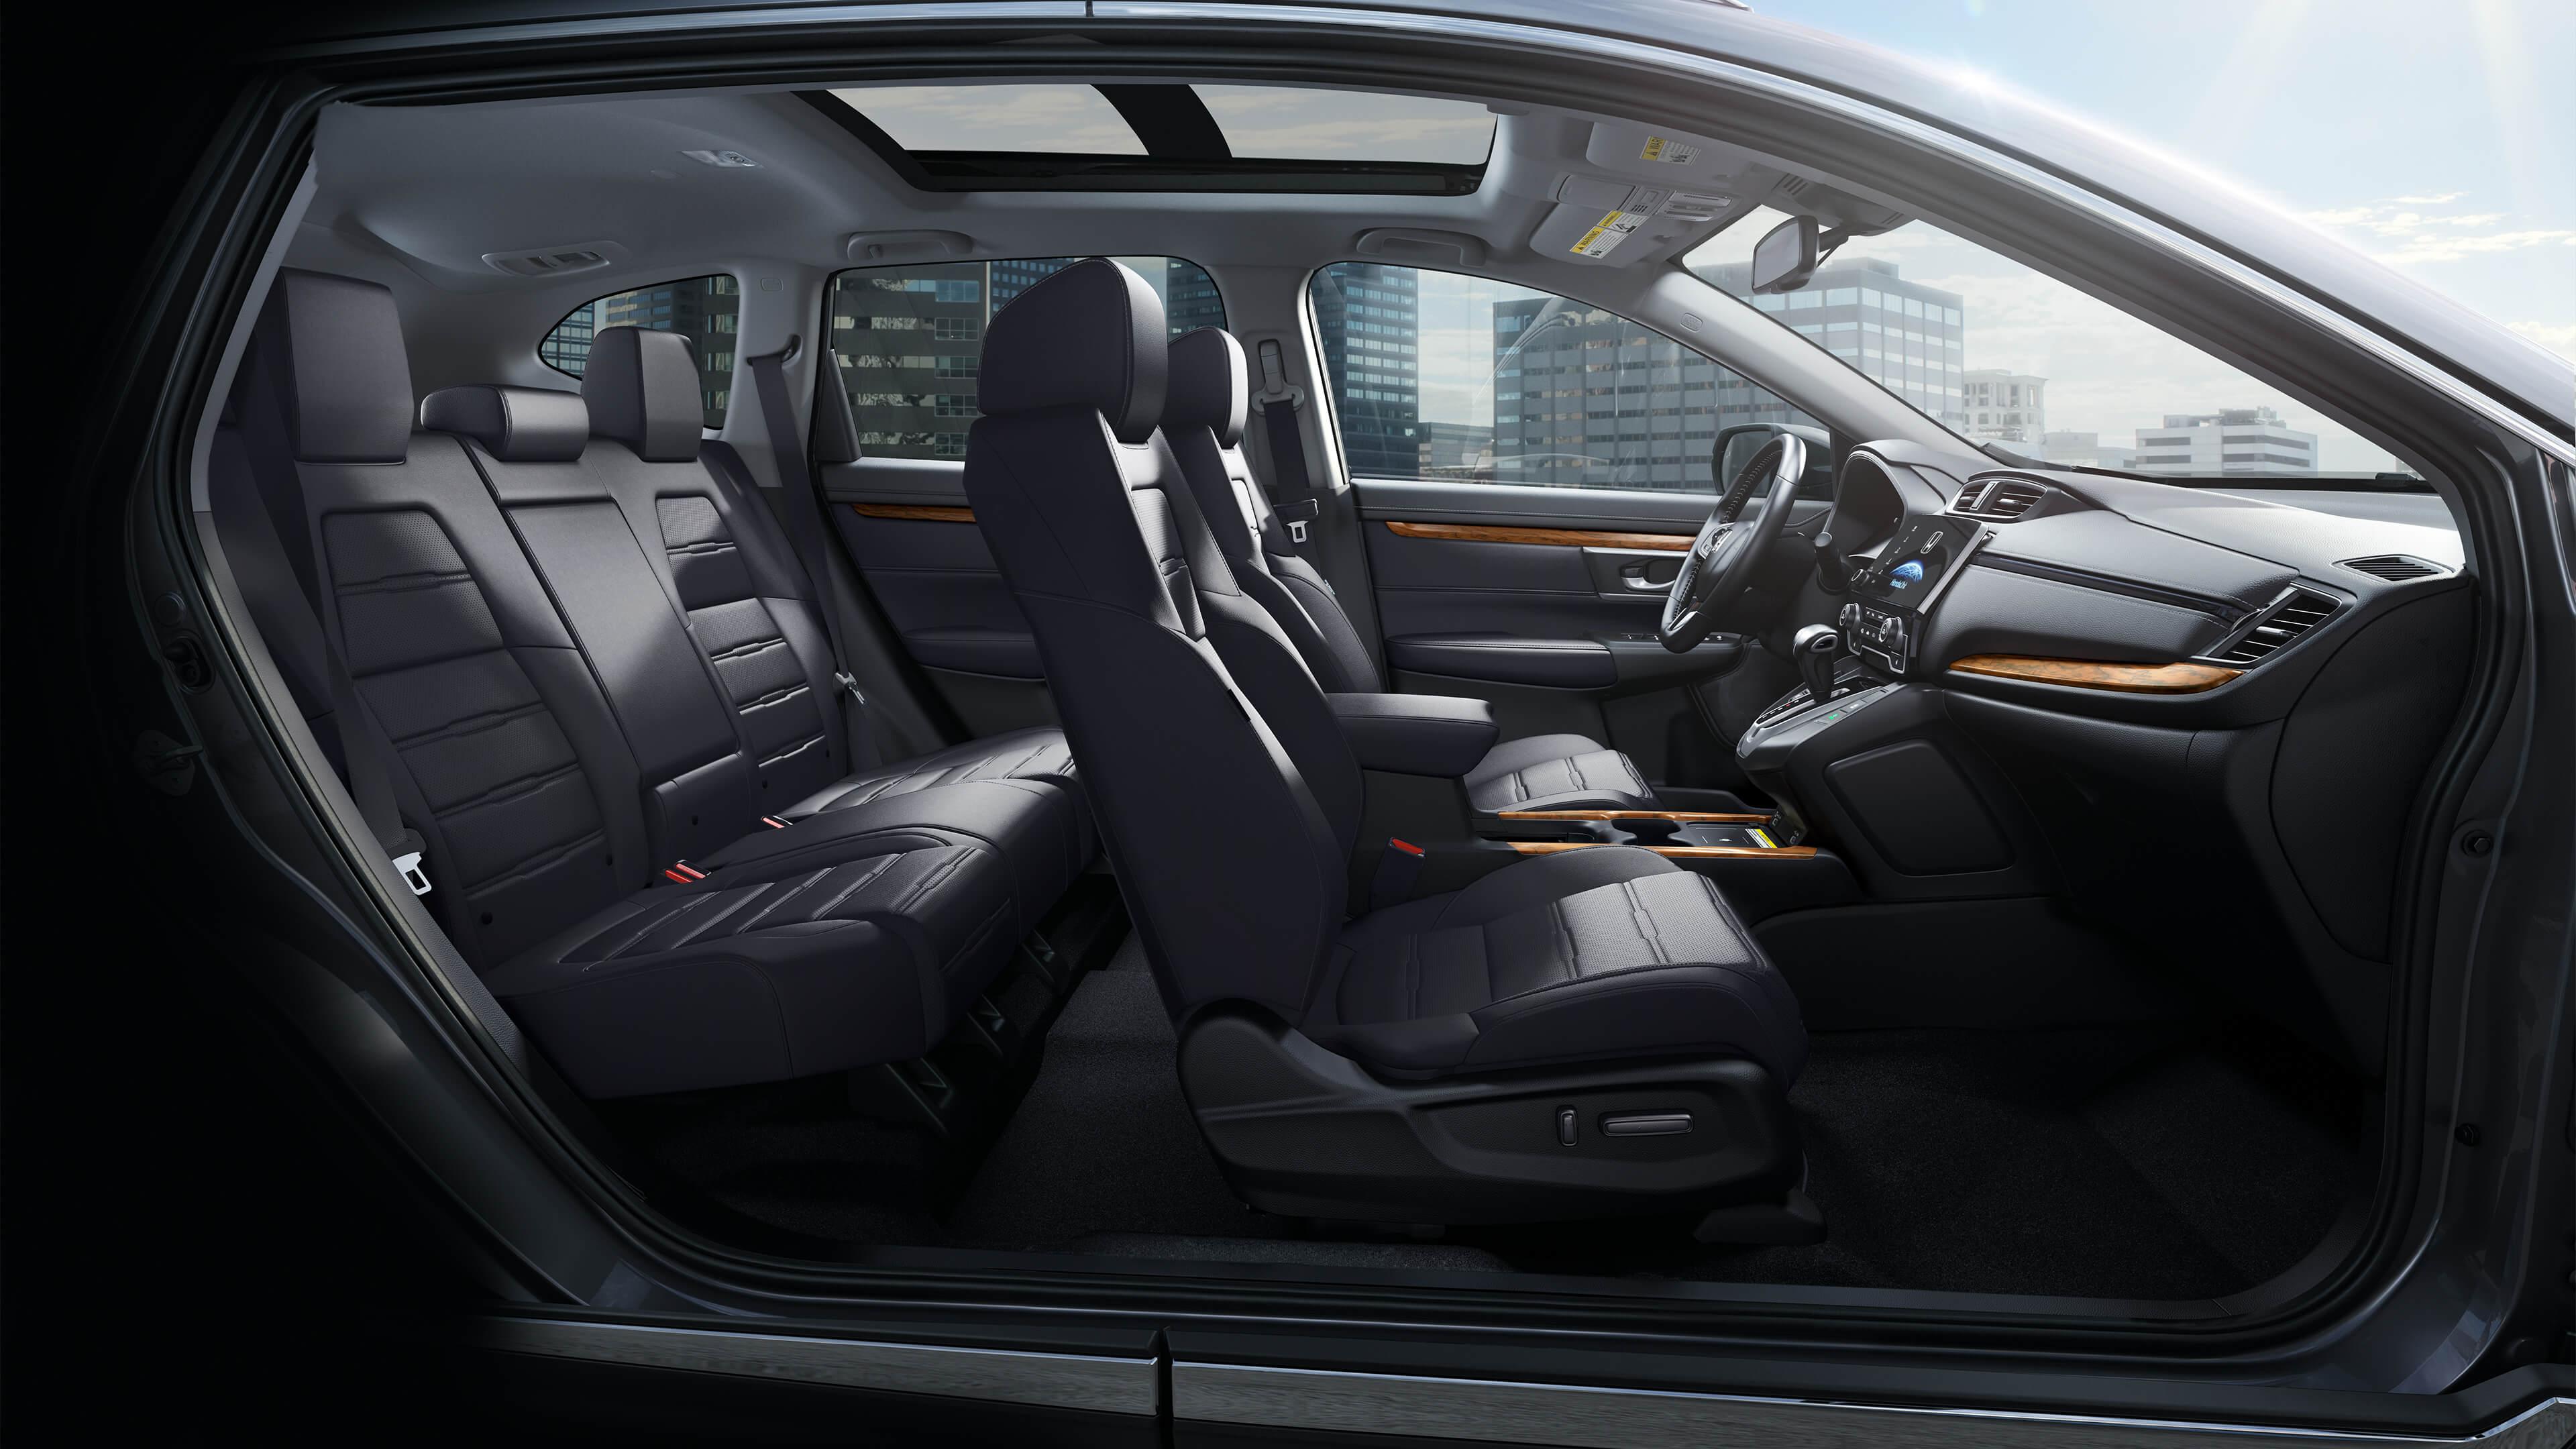 2021 Honda CR-V Space a